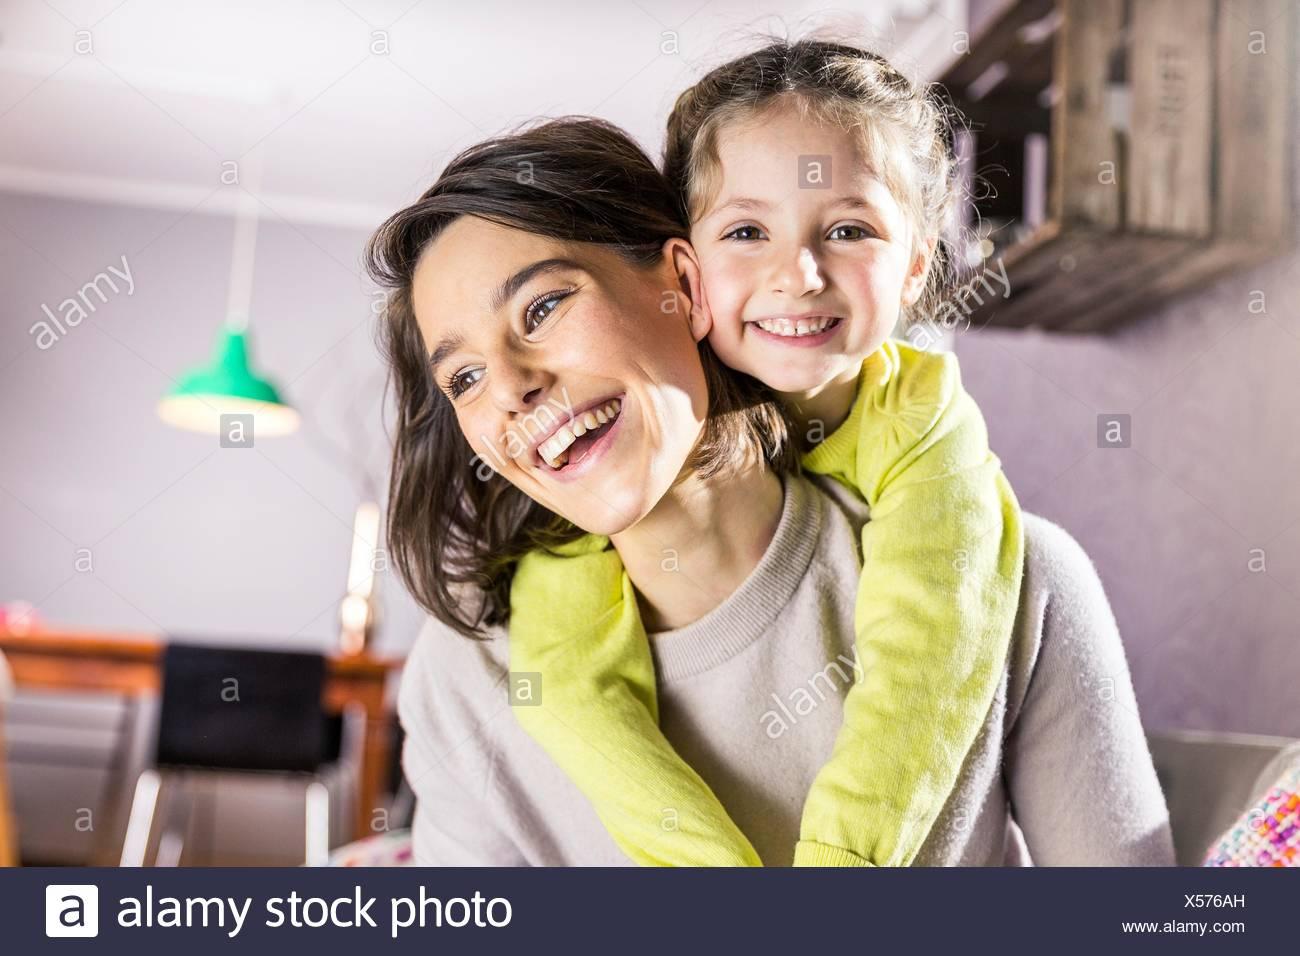 Retrato de niña obteniendo piggyback paseo de la madre en la sala de estar Imagen De Stock